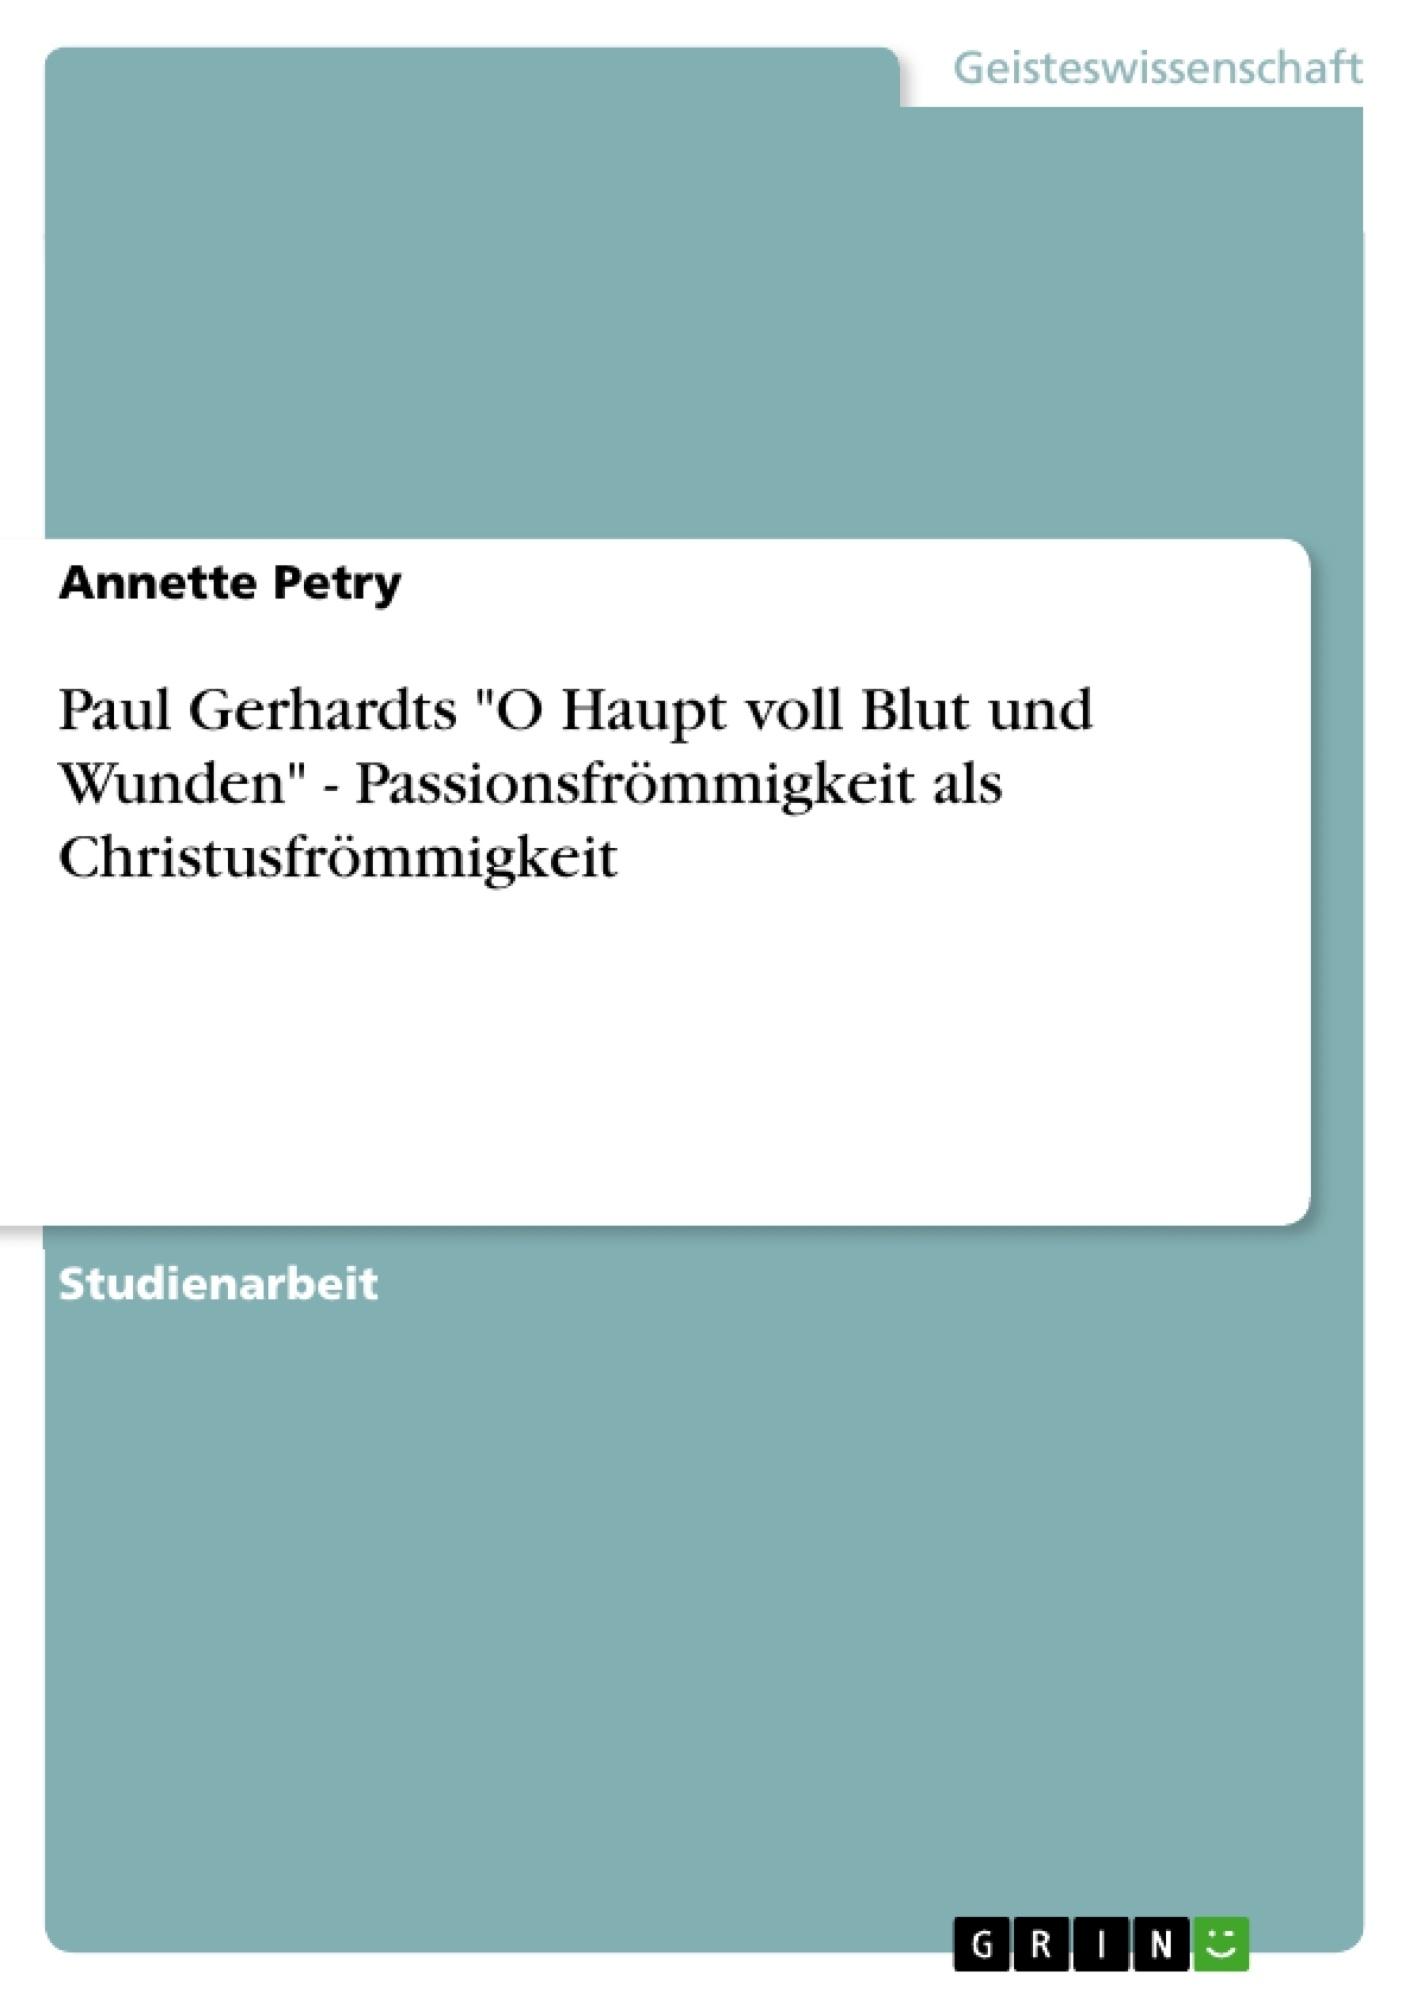 """Titel: Paul Gerhardts """"O Haupt voll Blut und Wunden"""" - Passionsfrömmigkeit als Christusfrömmigkeit"""